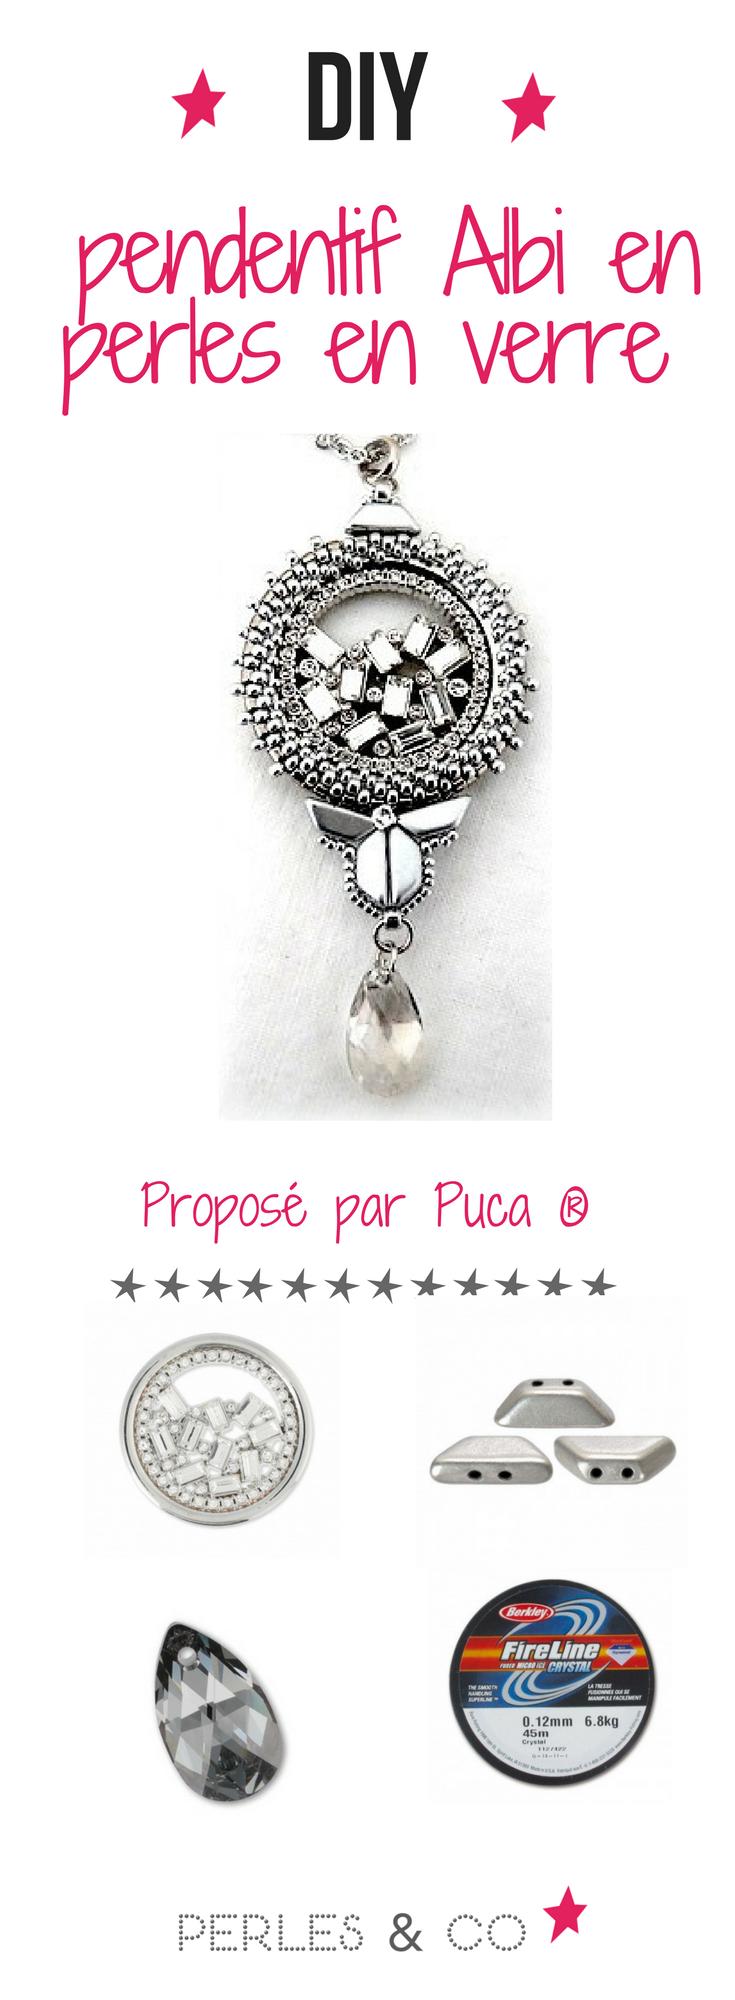 945ec6009 Un DIY pendentif perles en verre proposé par la fabuleuse créatrice Puca !  Apprenez avec ce